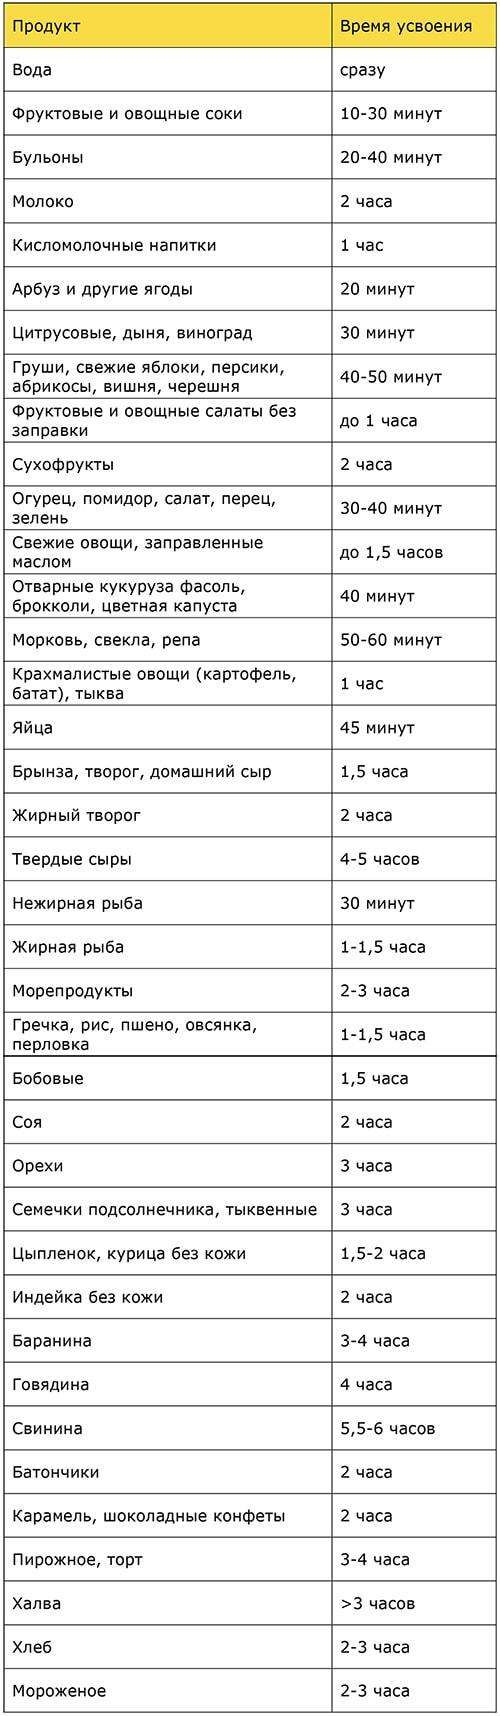 Таблица времени переваривания продуктов